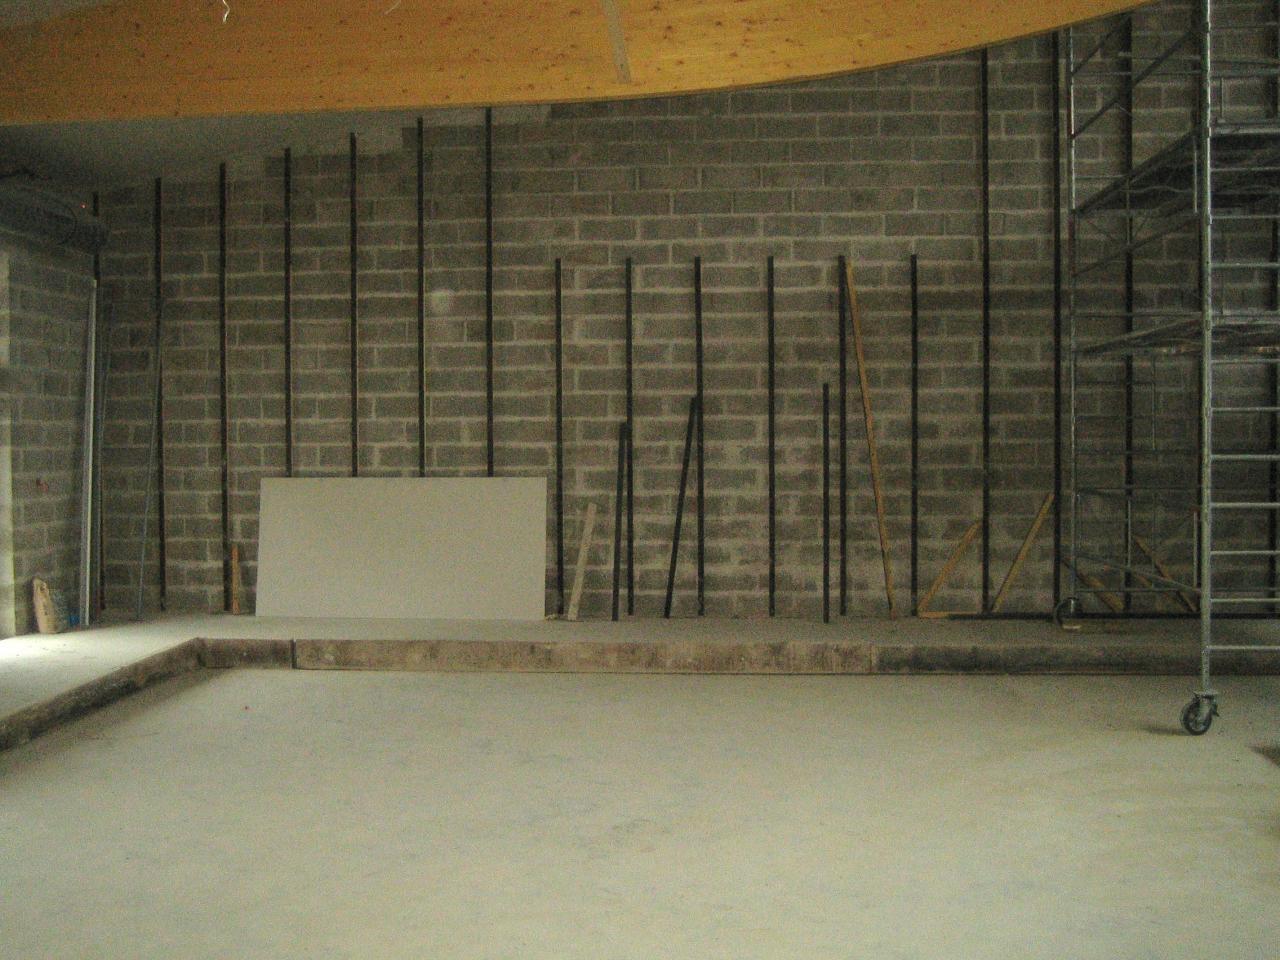 mur une fois fini en lambris pour Kamiza